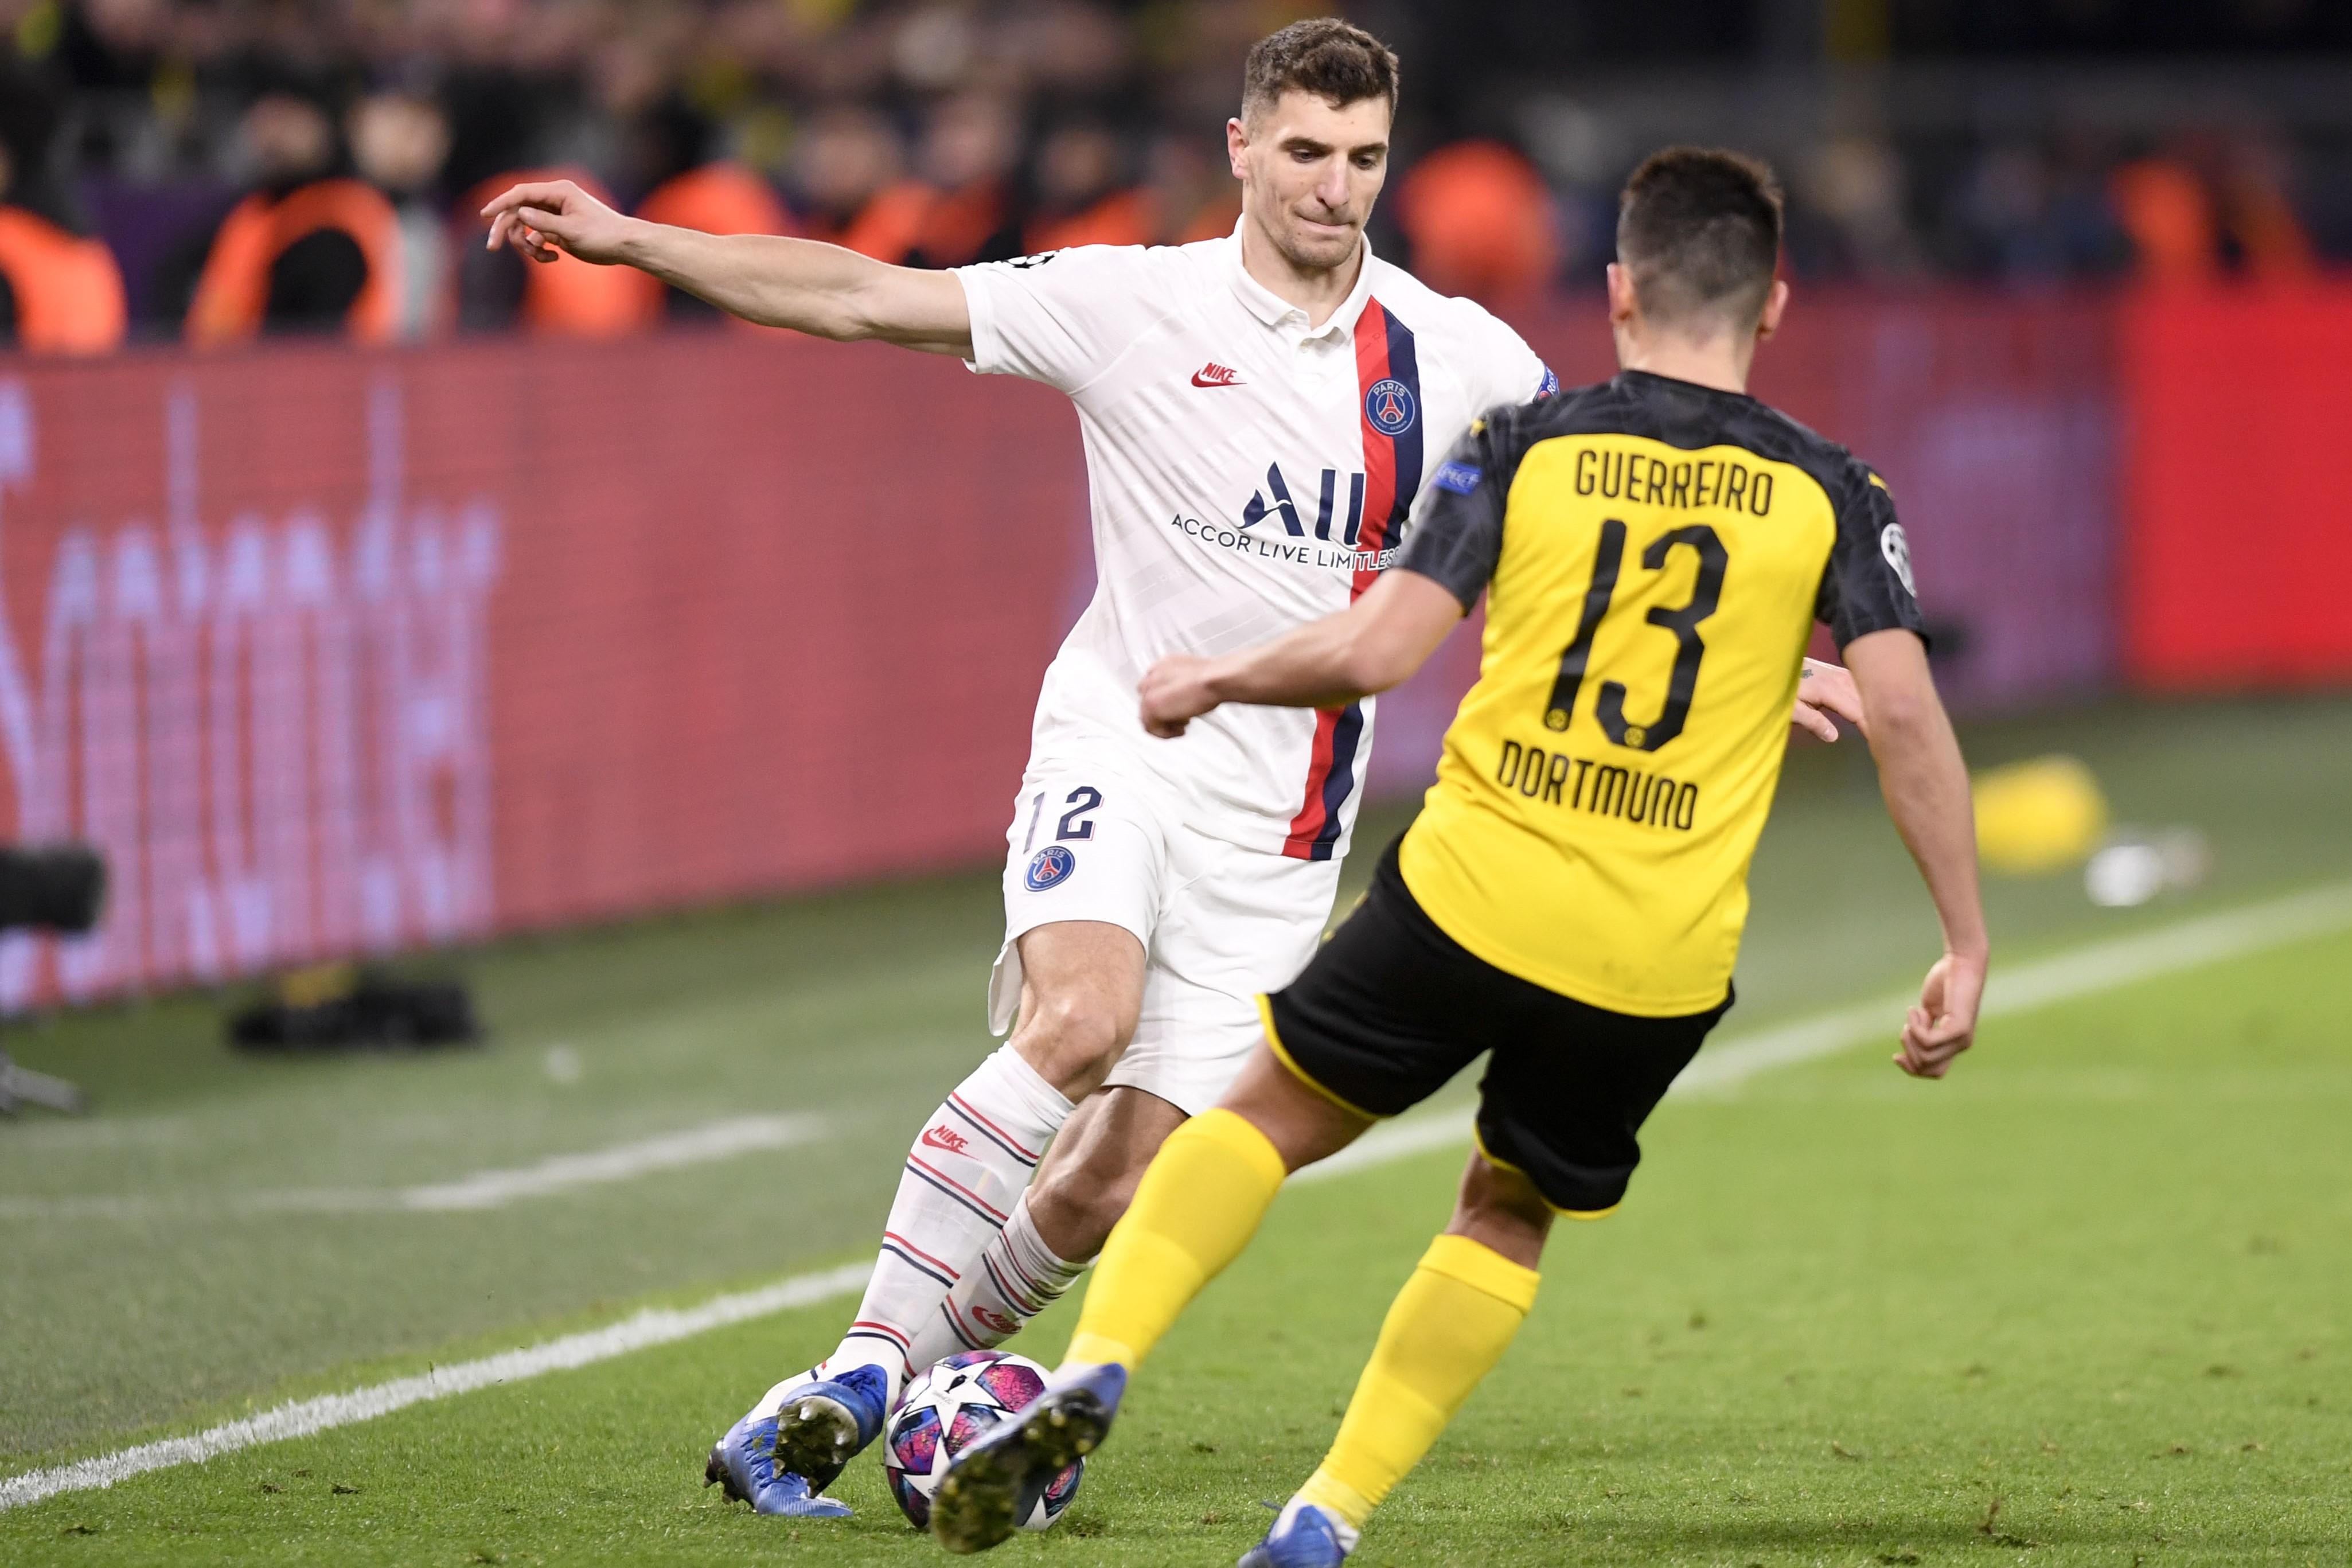 Football - Transferts - Le journal du mercato : Meunier à Dortmund, c'est presque fait